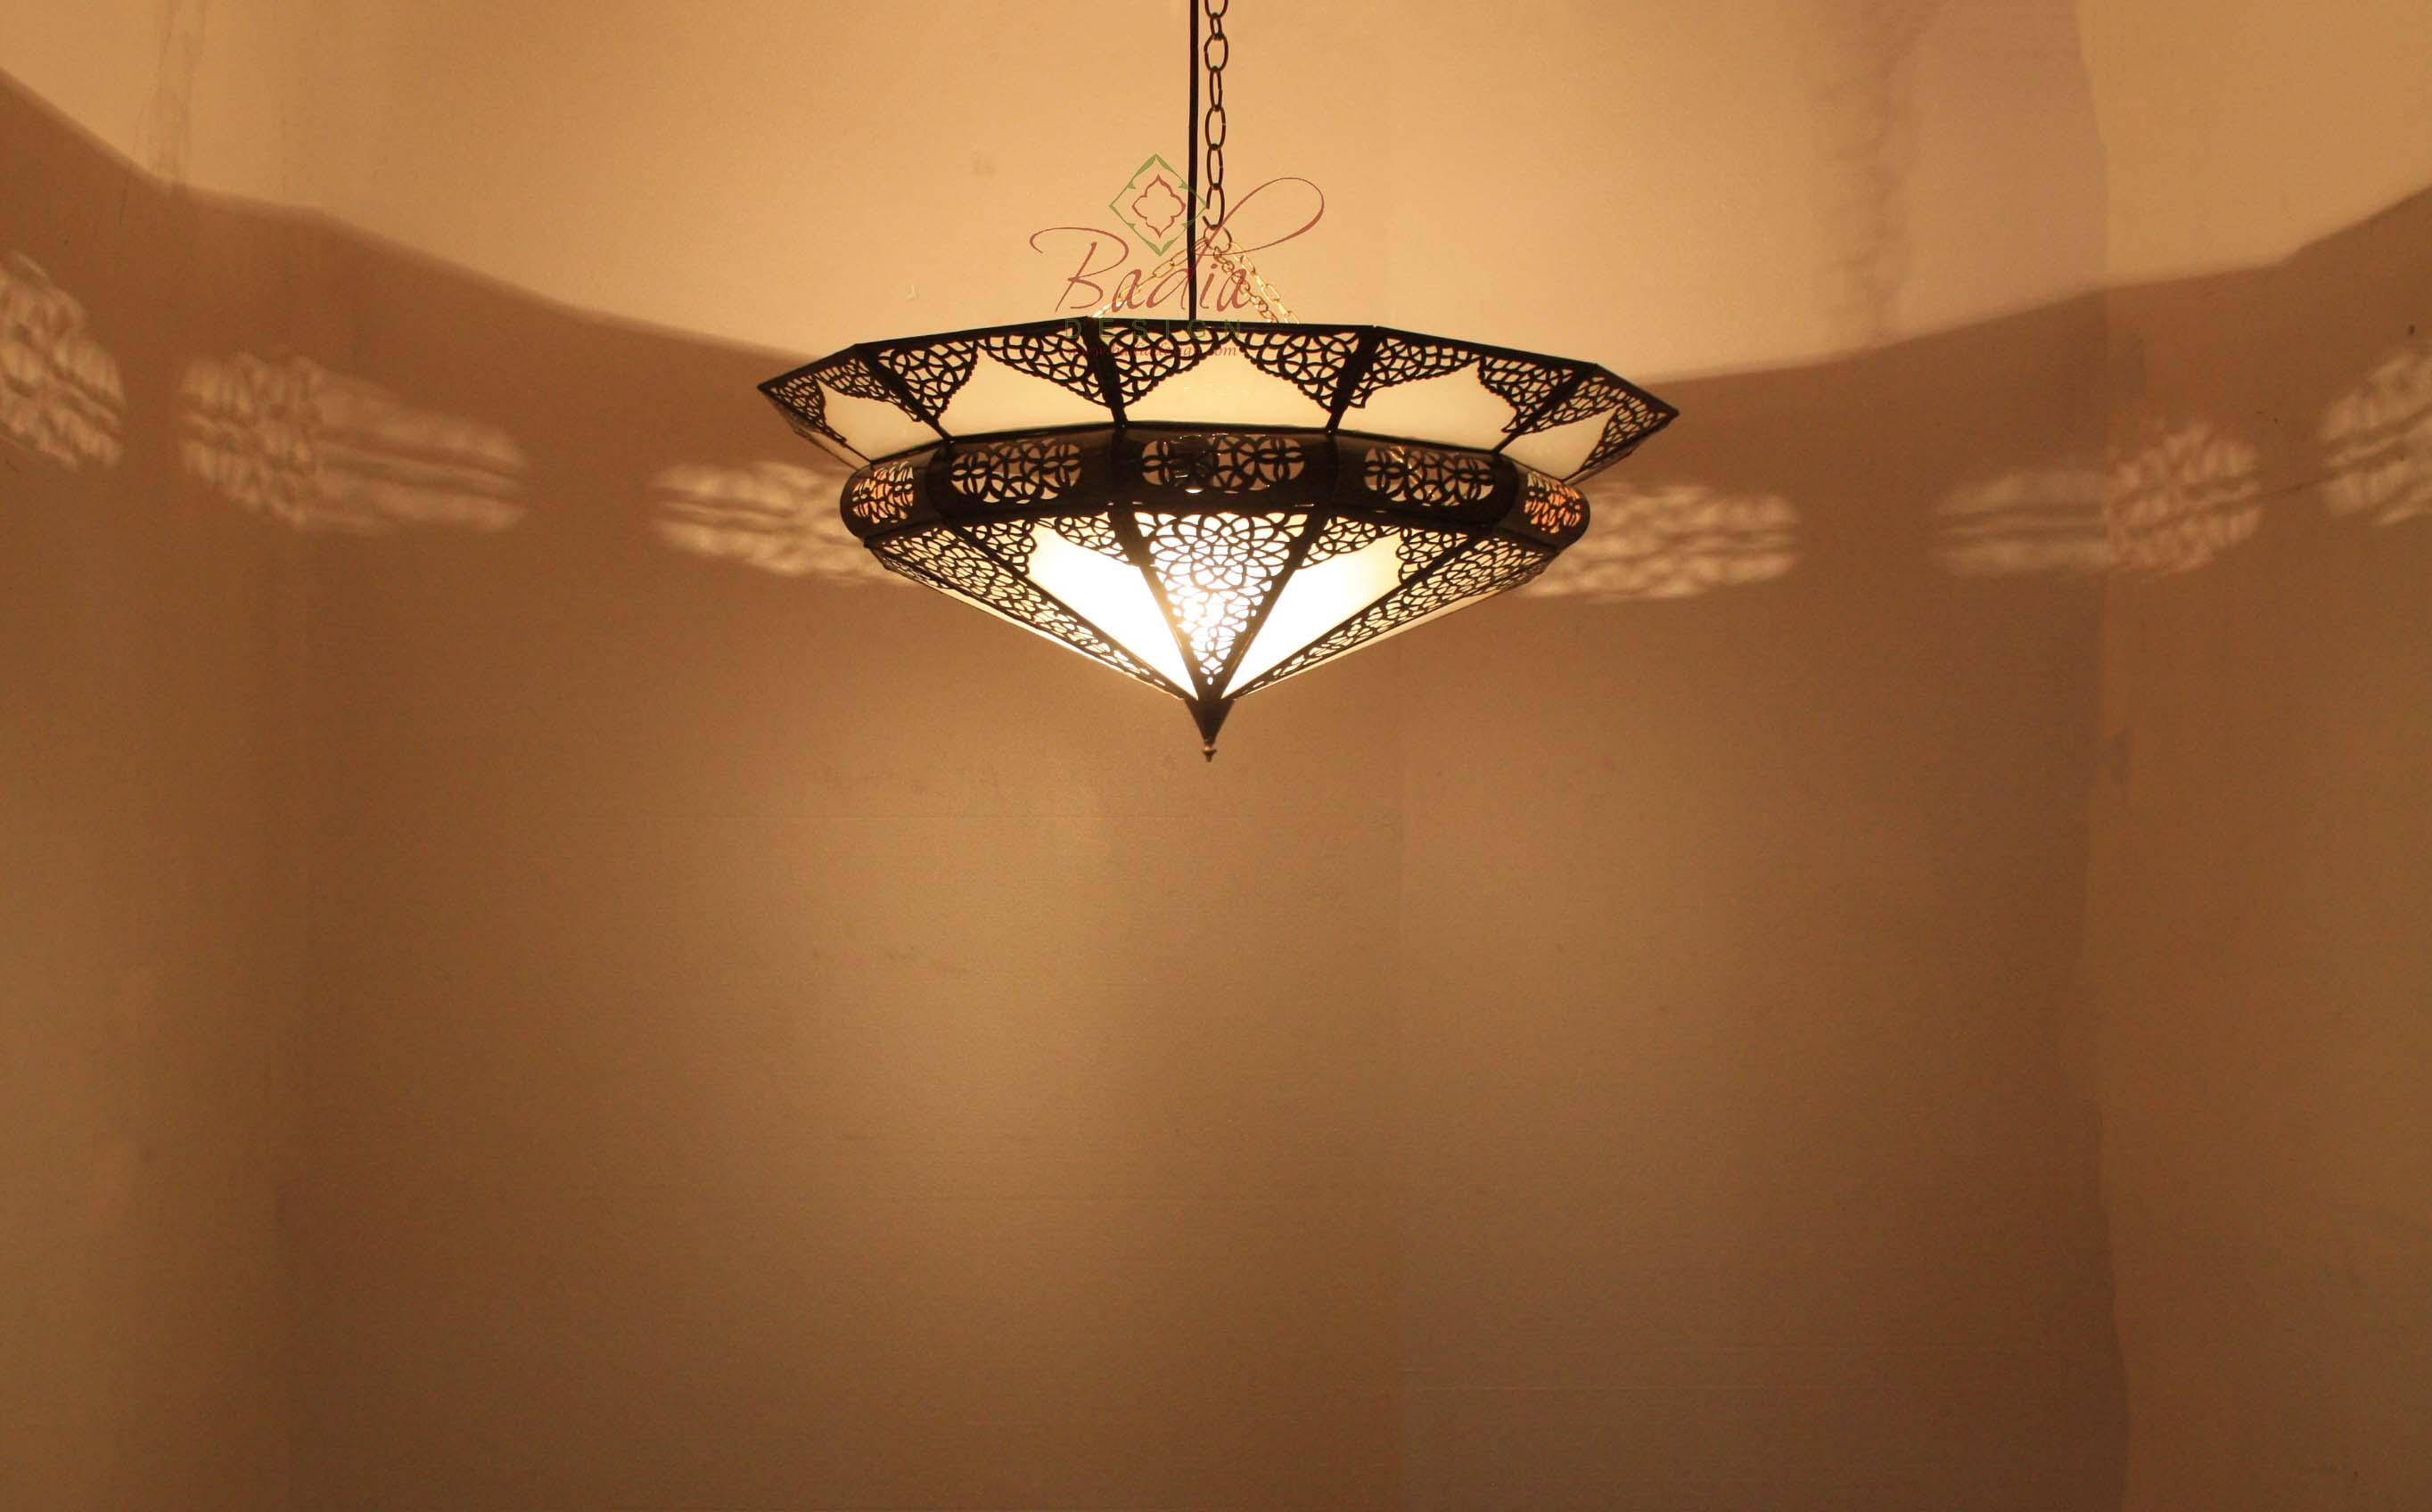 mediterrenean-style-hanging-lantern-lig339-2.jpg